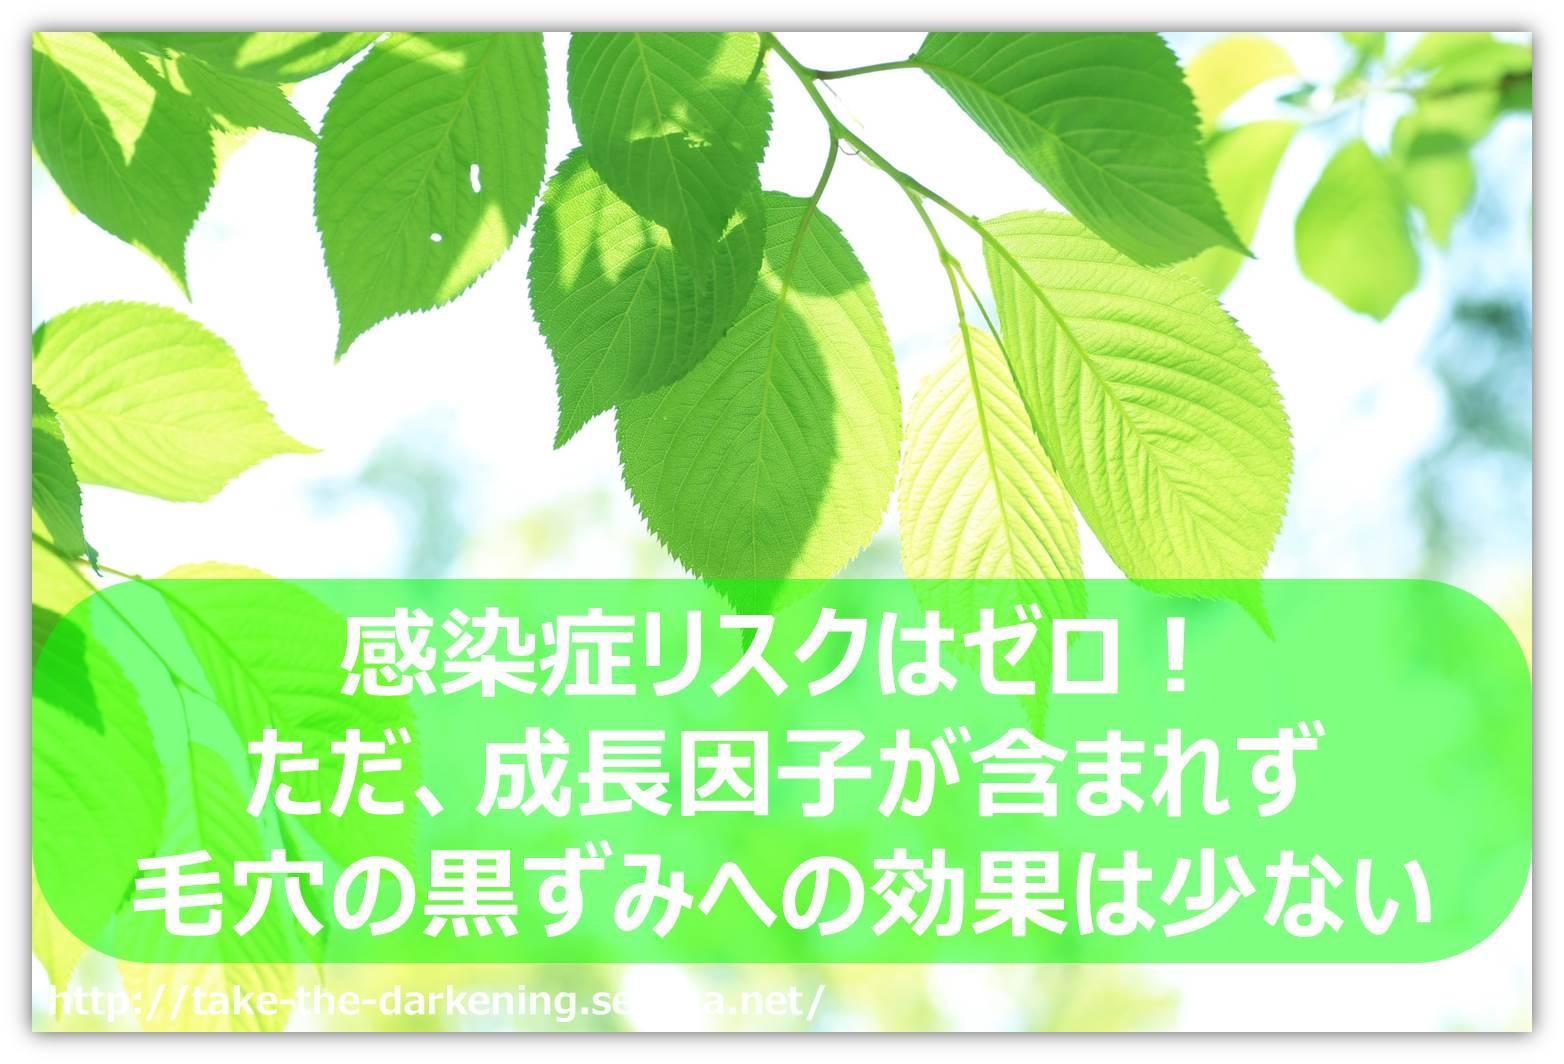 植物性プラセンタ.jpg